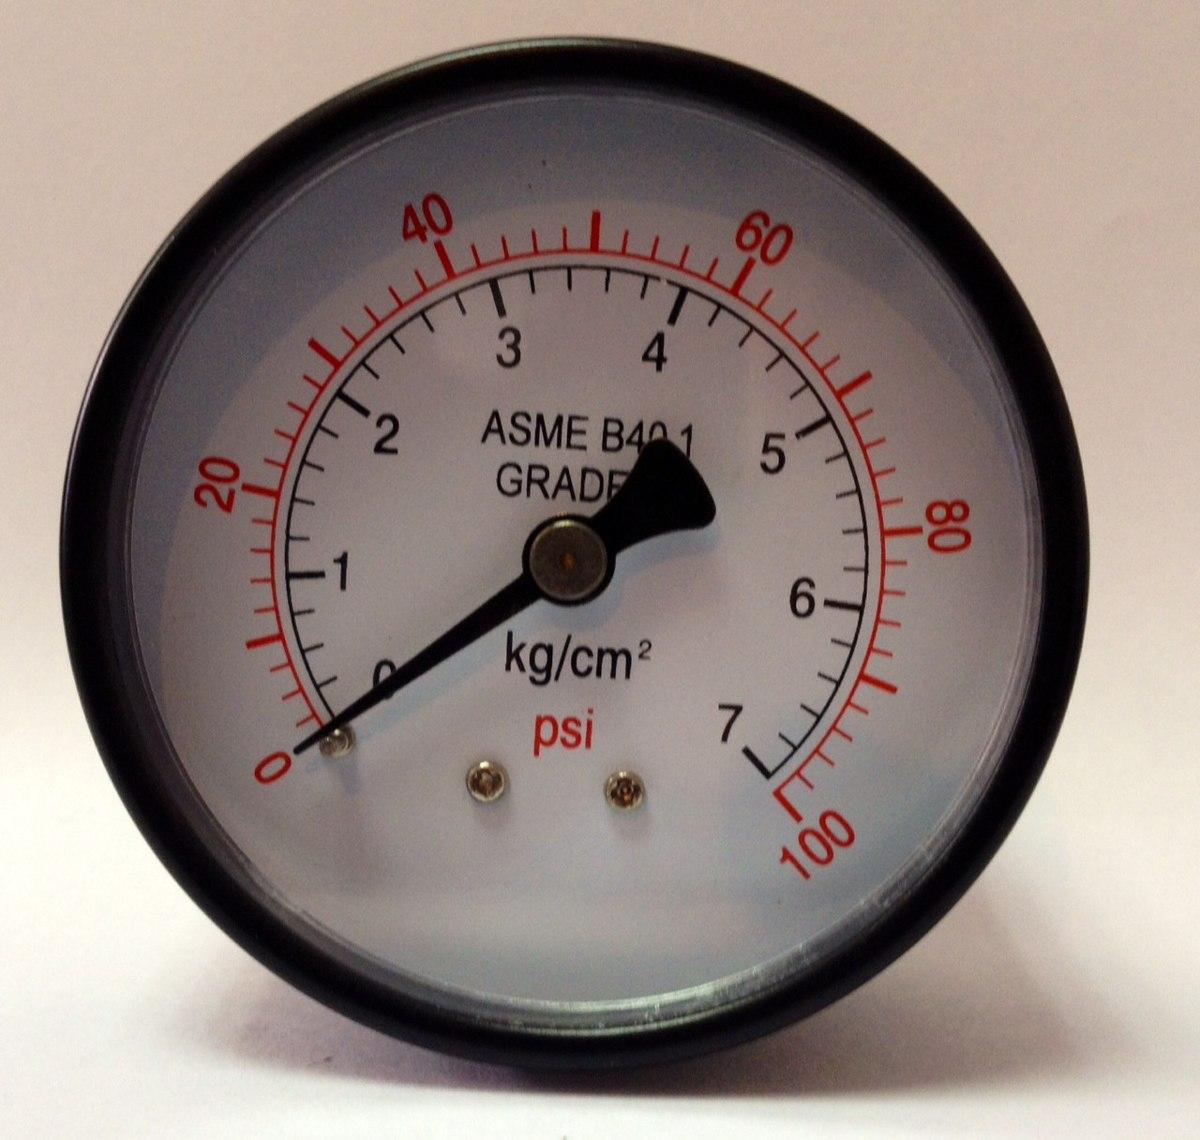 Manometro 2 1 2 x 1 4 npt conexion baja y posterior bs for Manometro para medir presion de agua